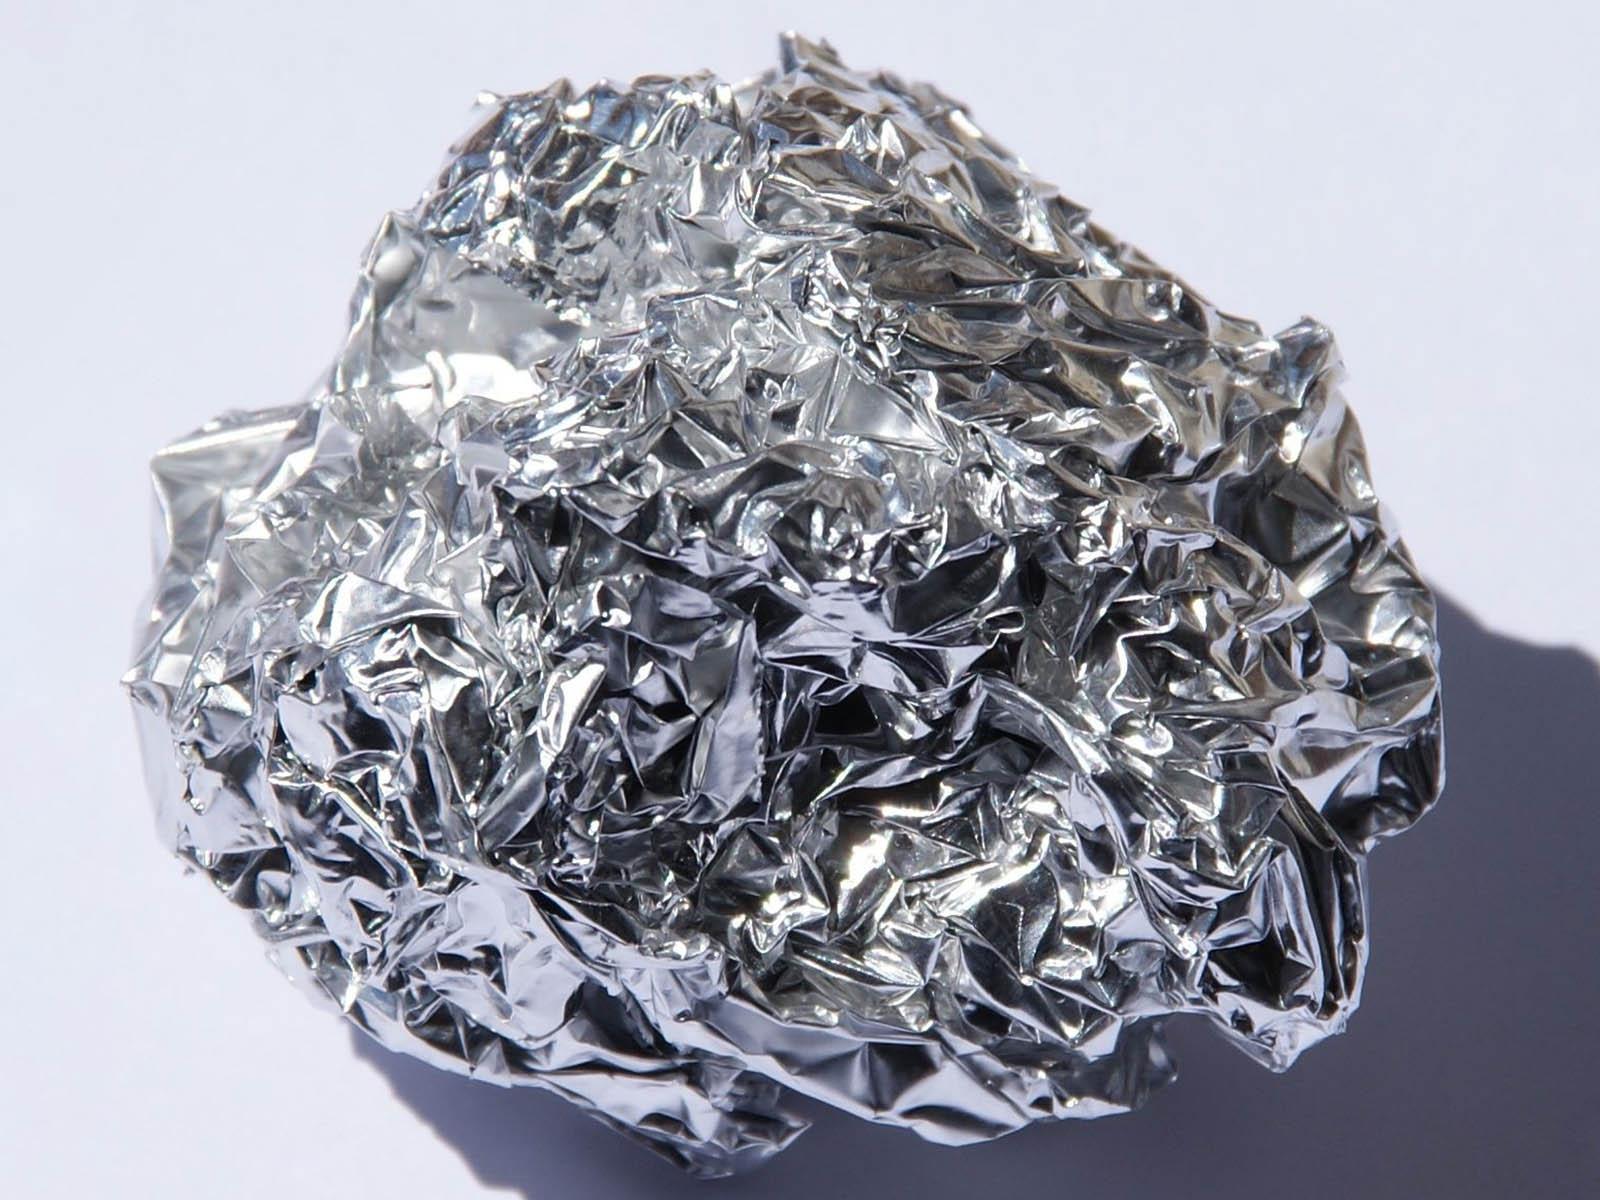 aluminyum-saatler-3.jpg